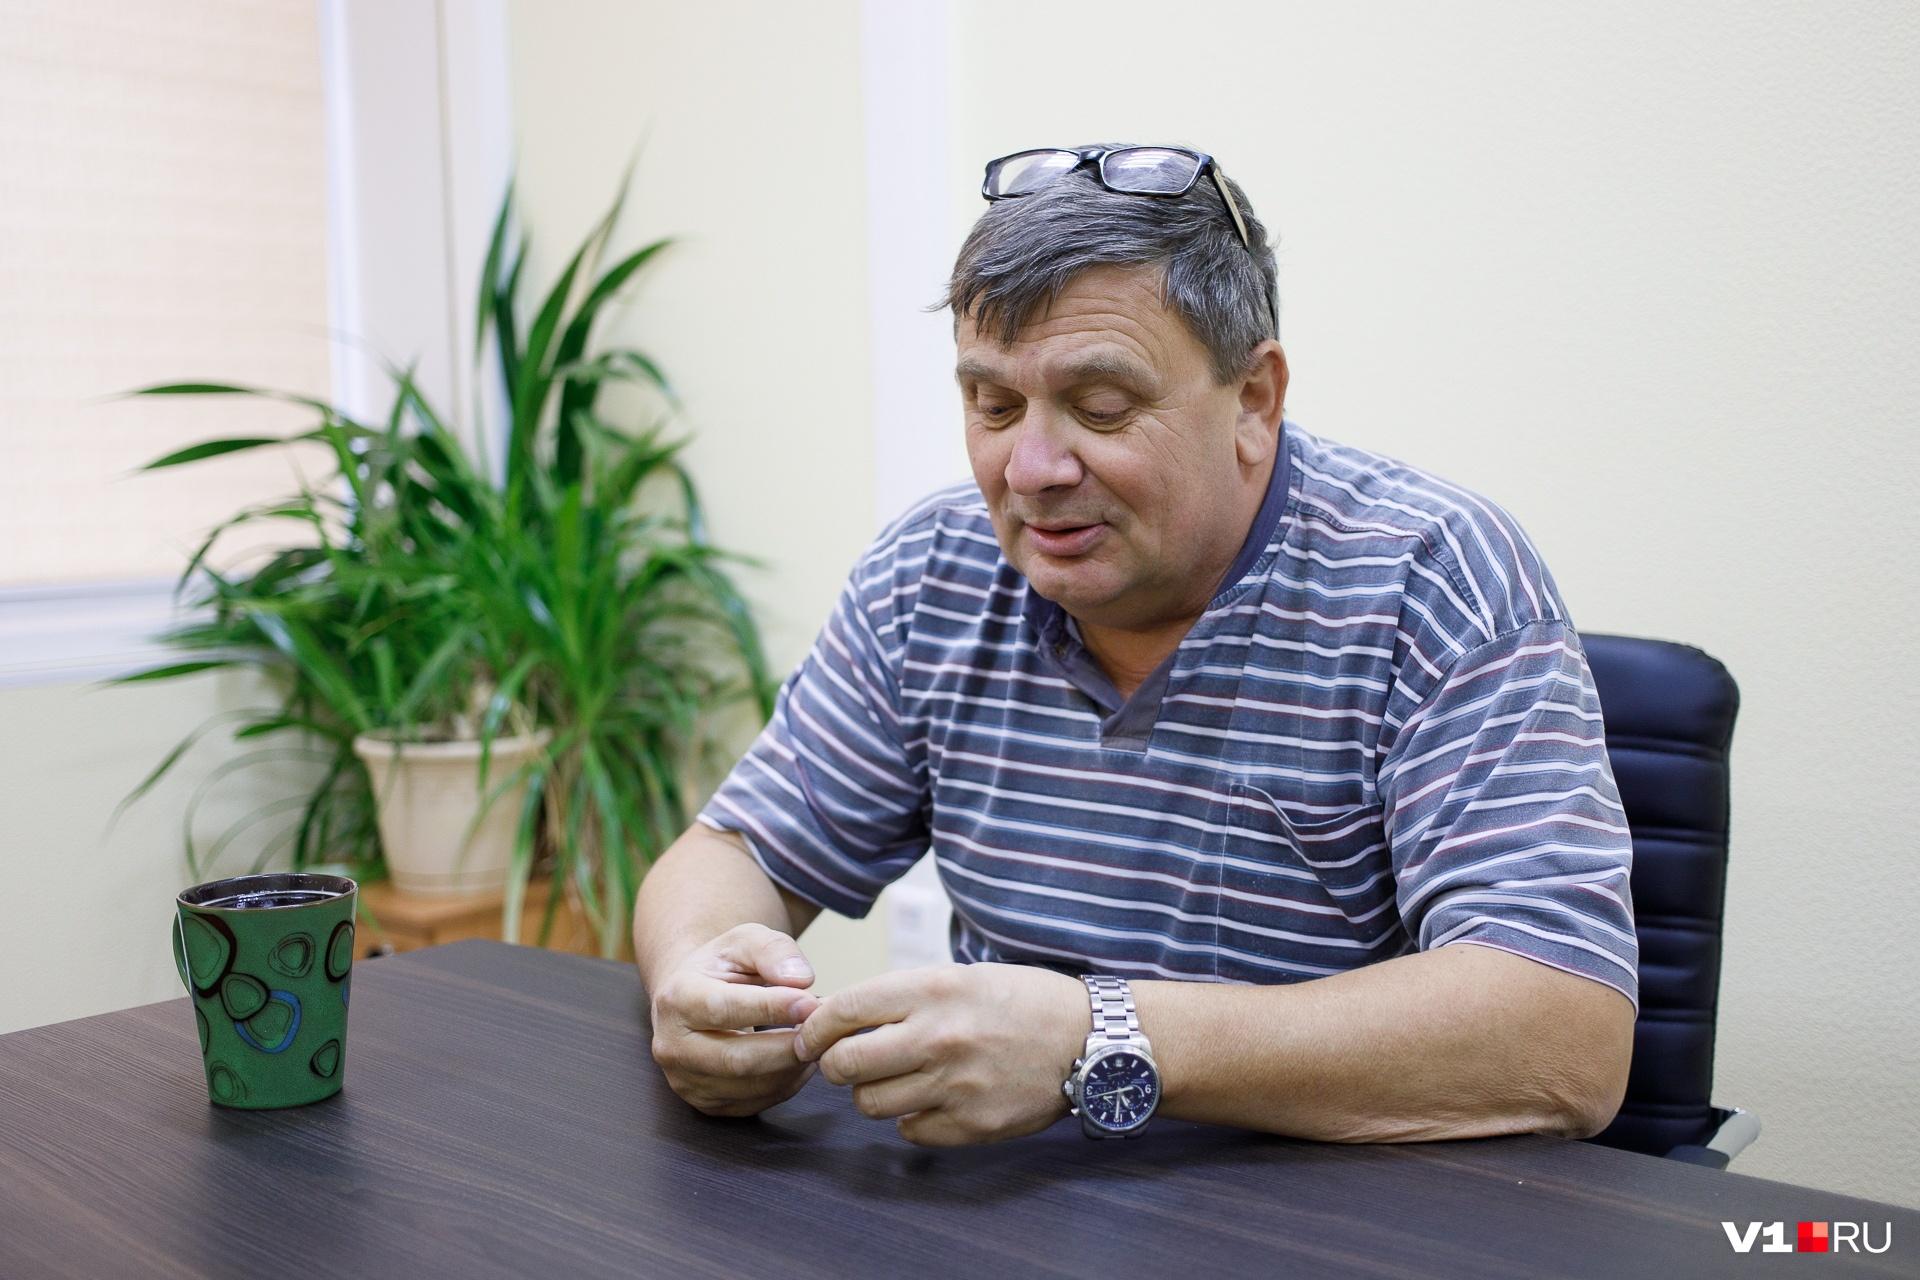 Александра Сиволобова быстро приучили к жизни в курортном городе